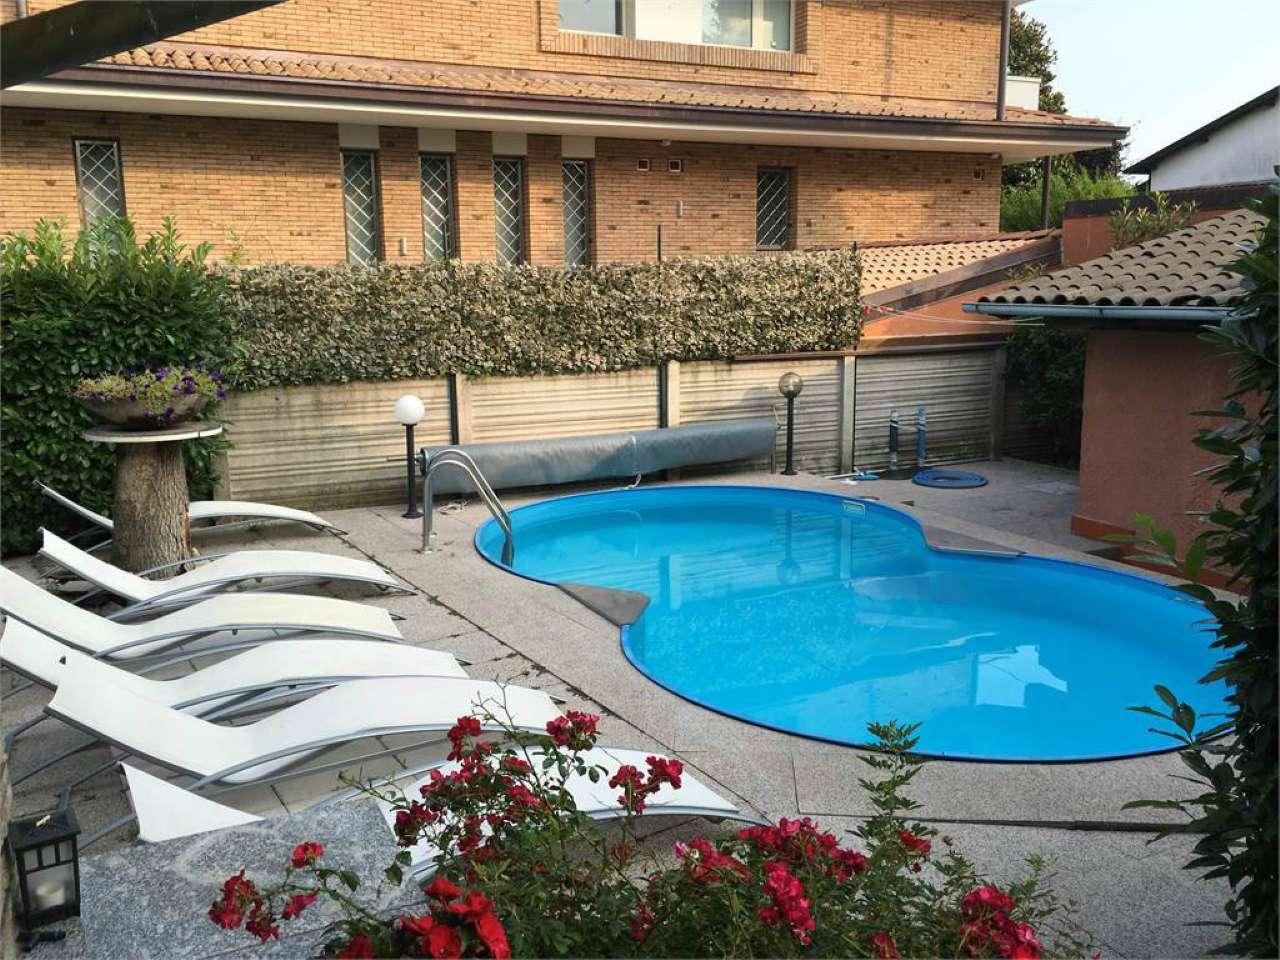 Villa in Vendita a Cisliano: 5 locali, 230 mq